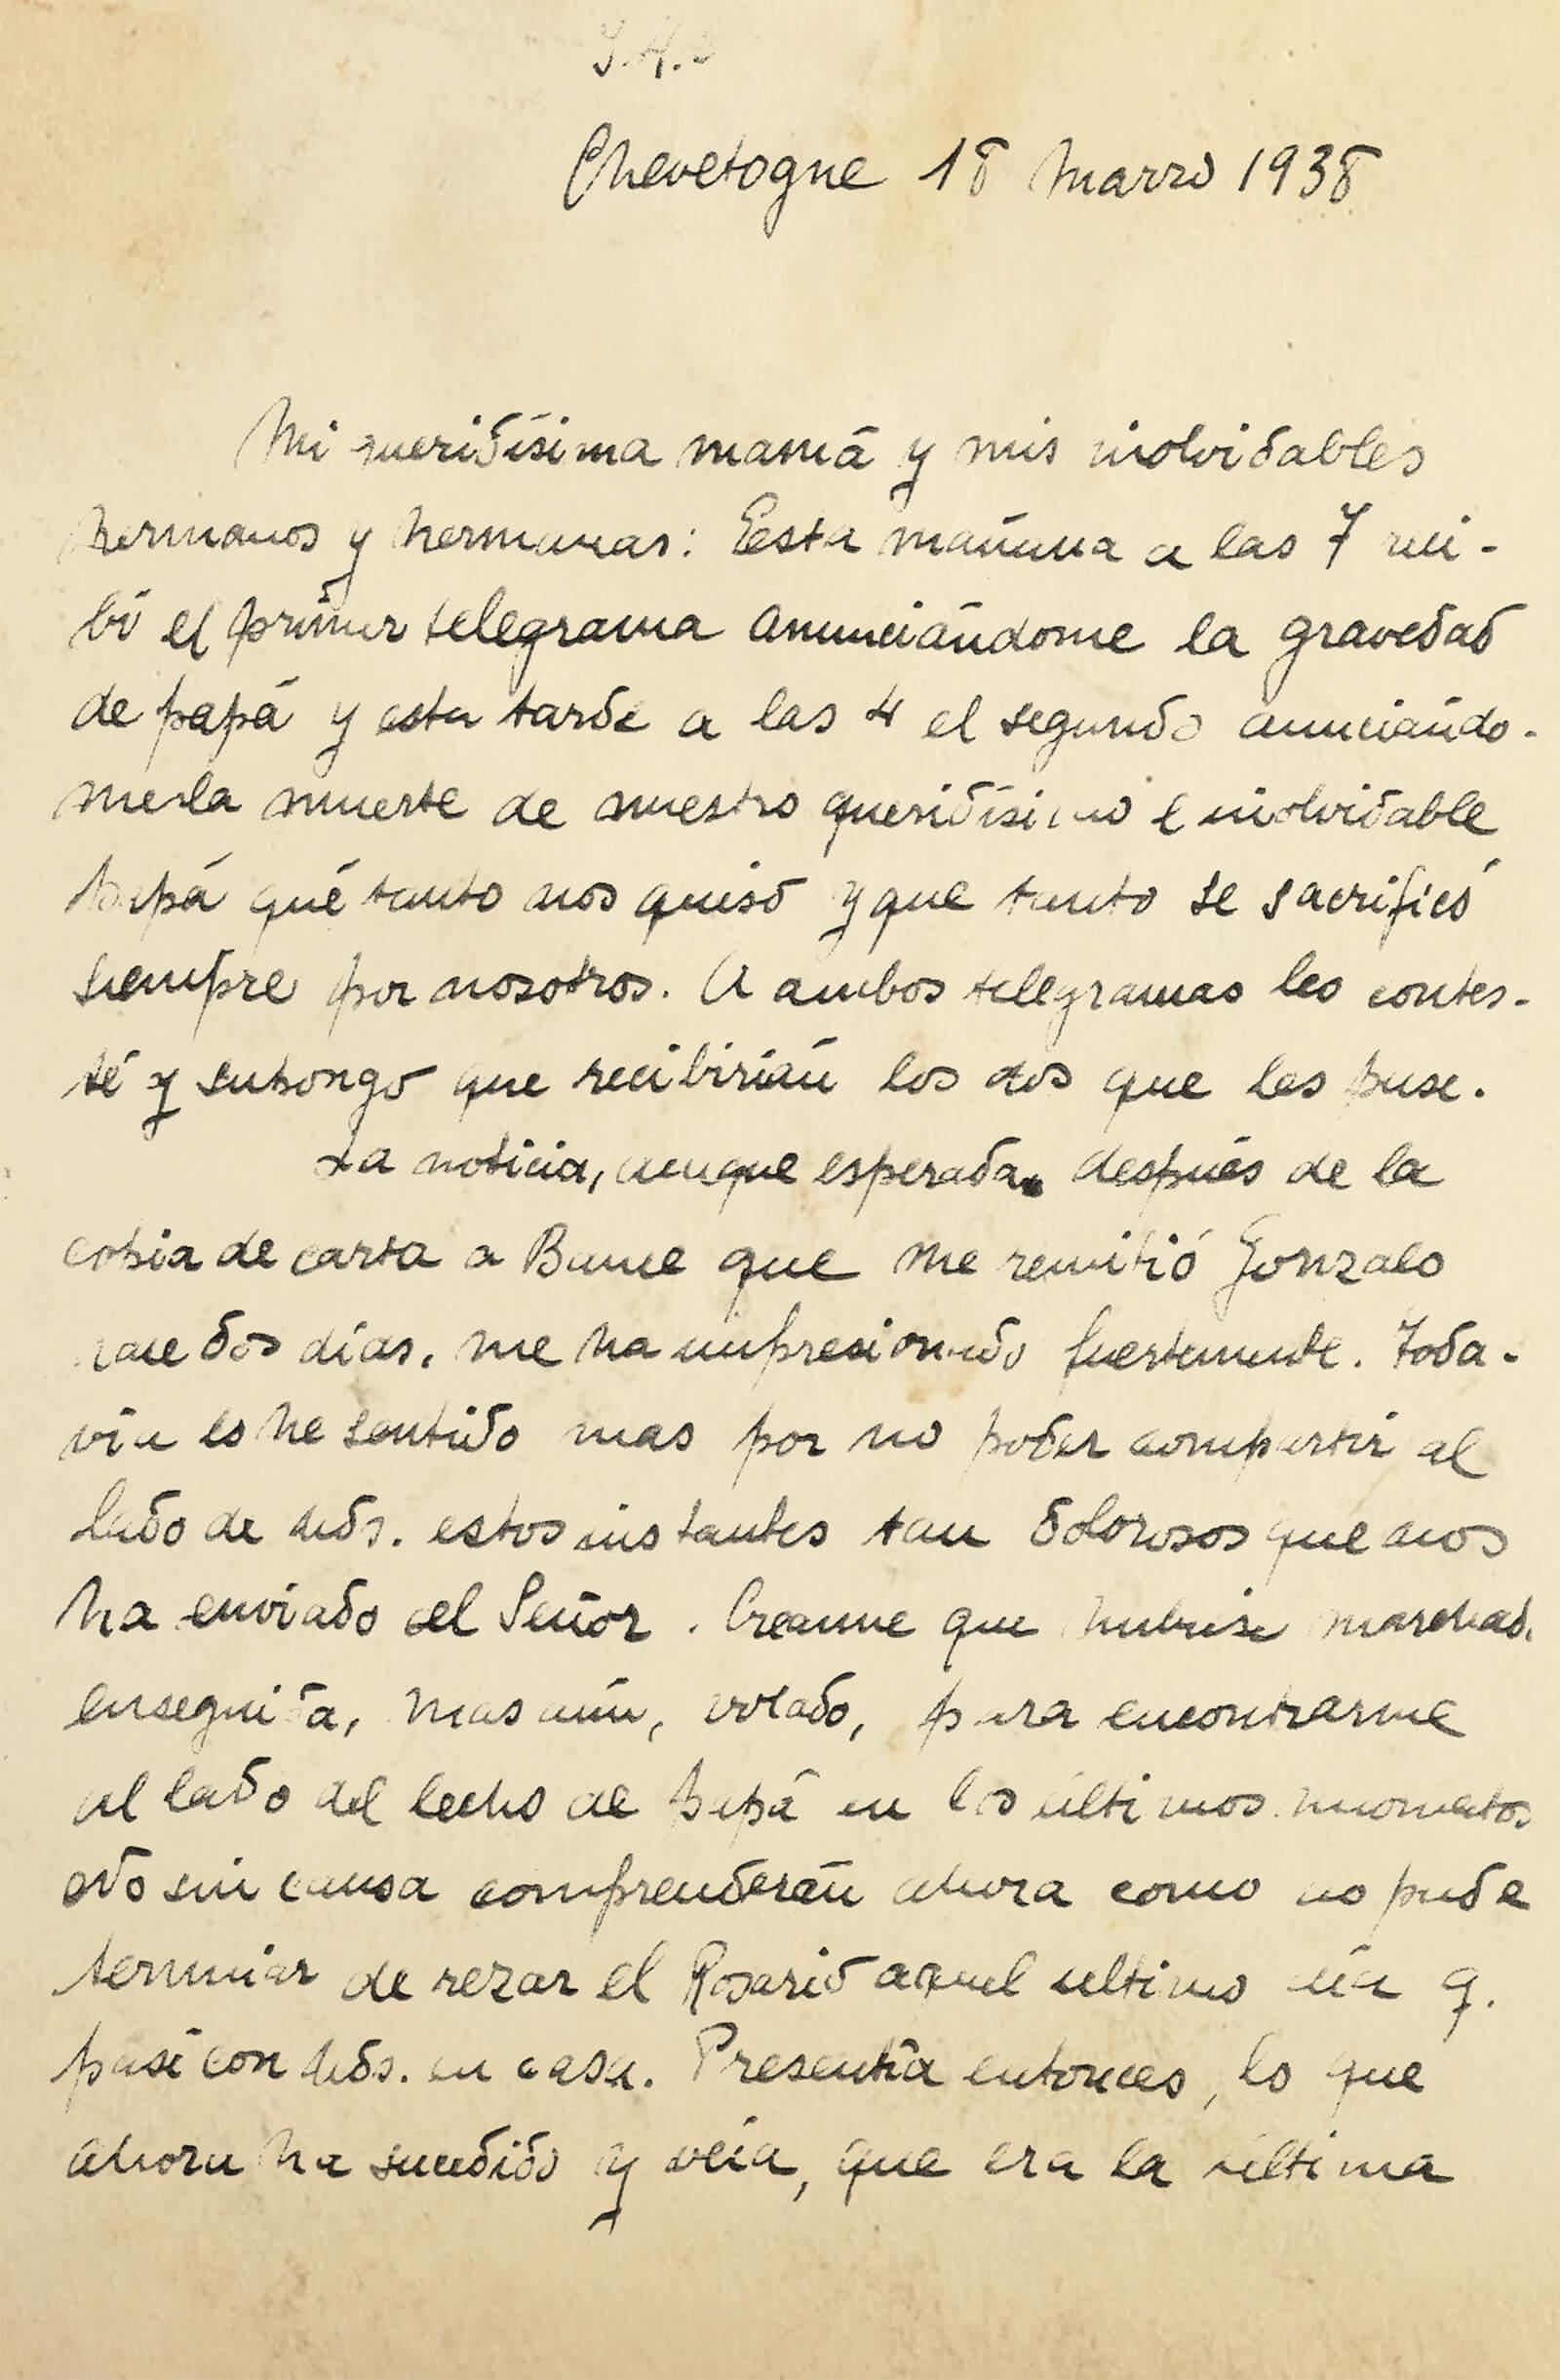 Detalle de la carta del 18 de marzo de 1938